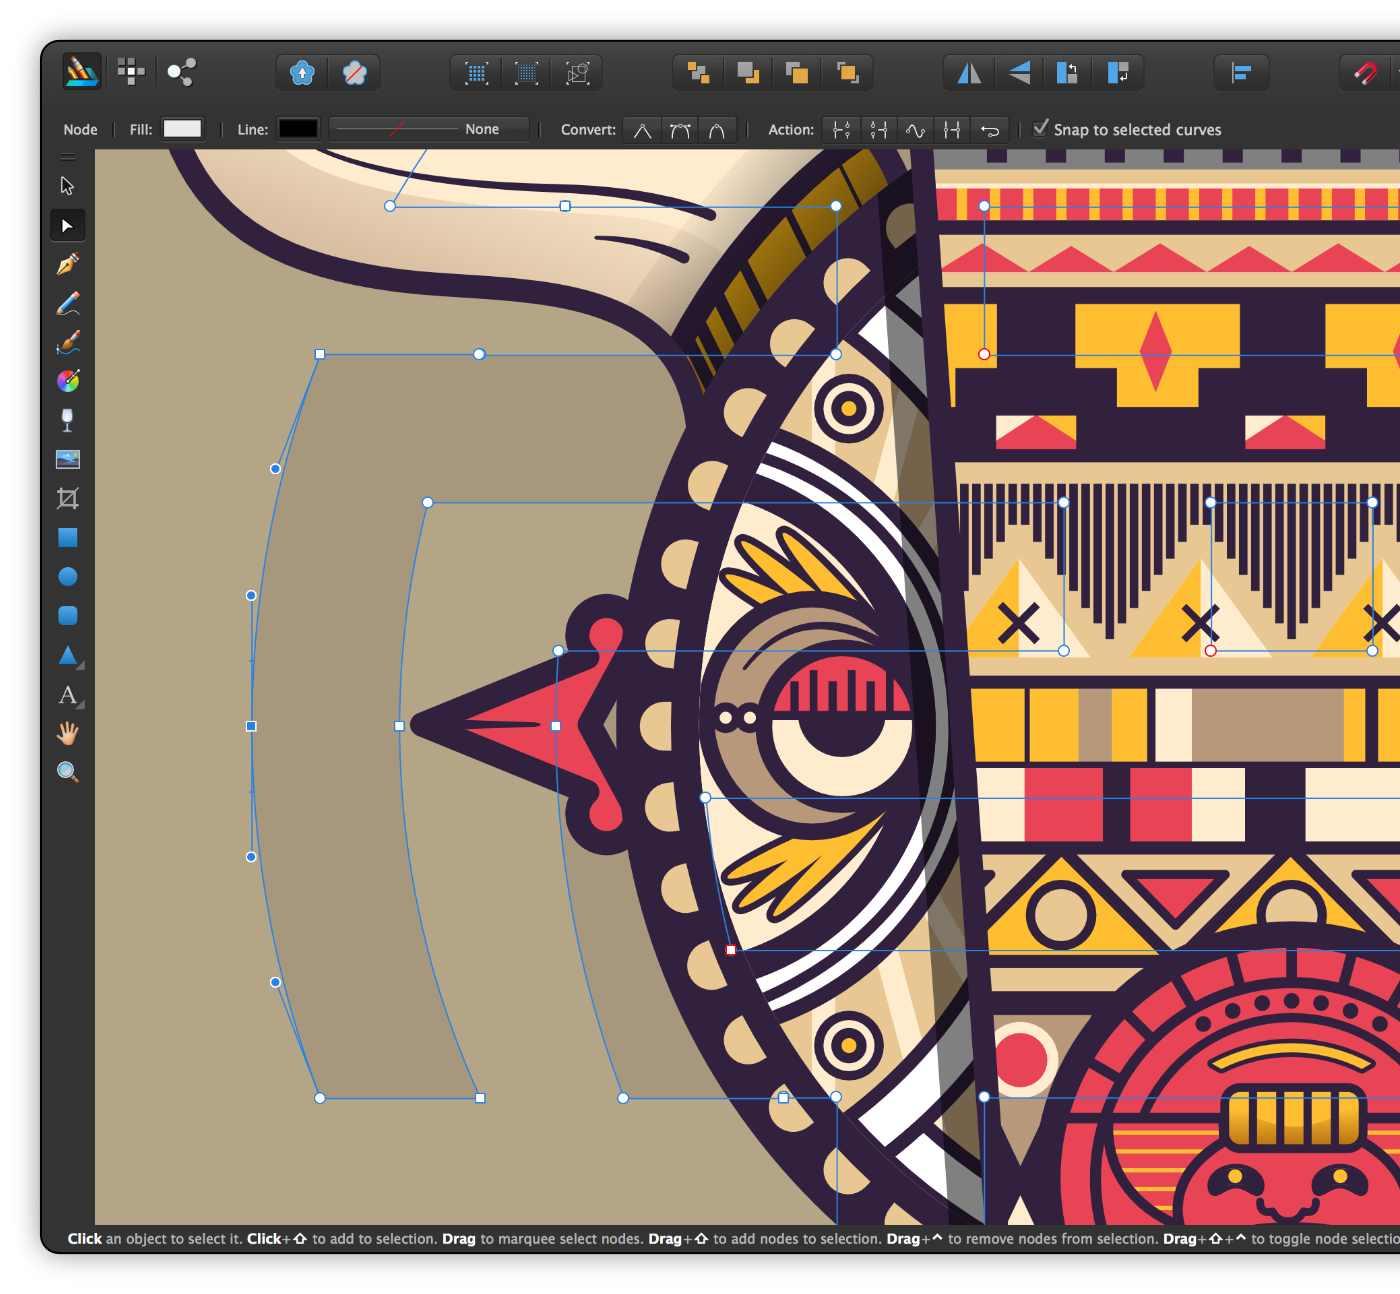 Нискобюджетен софтуер за графичен дизайн под MAC OS